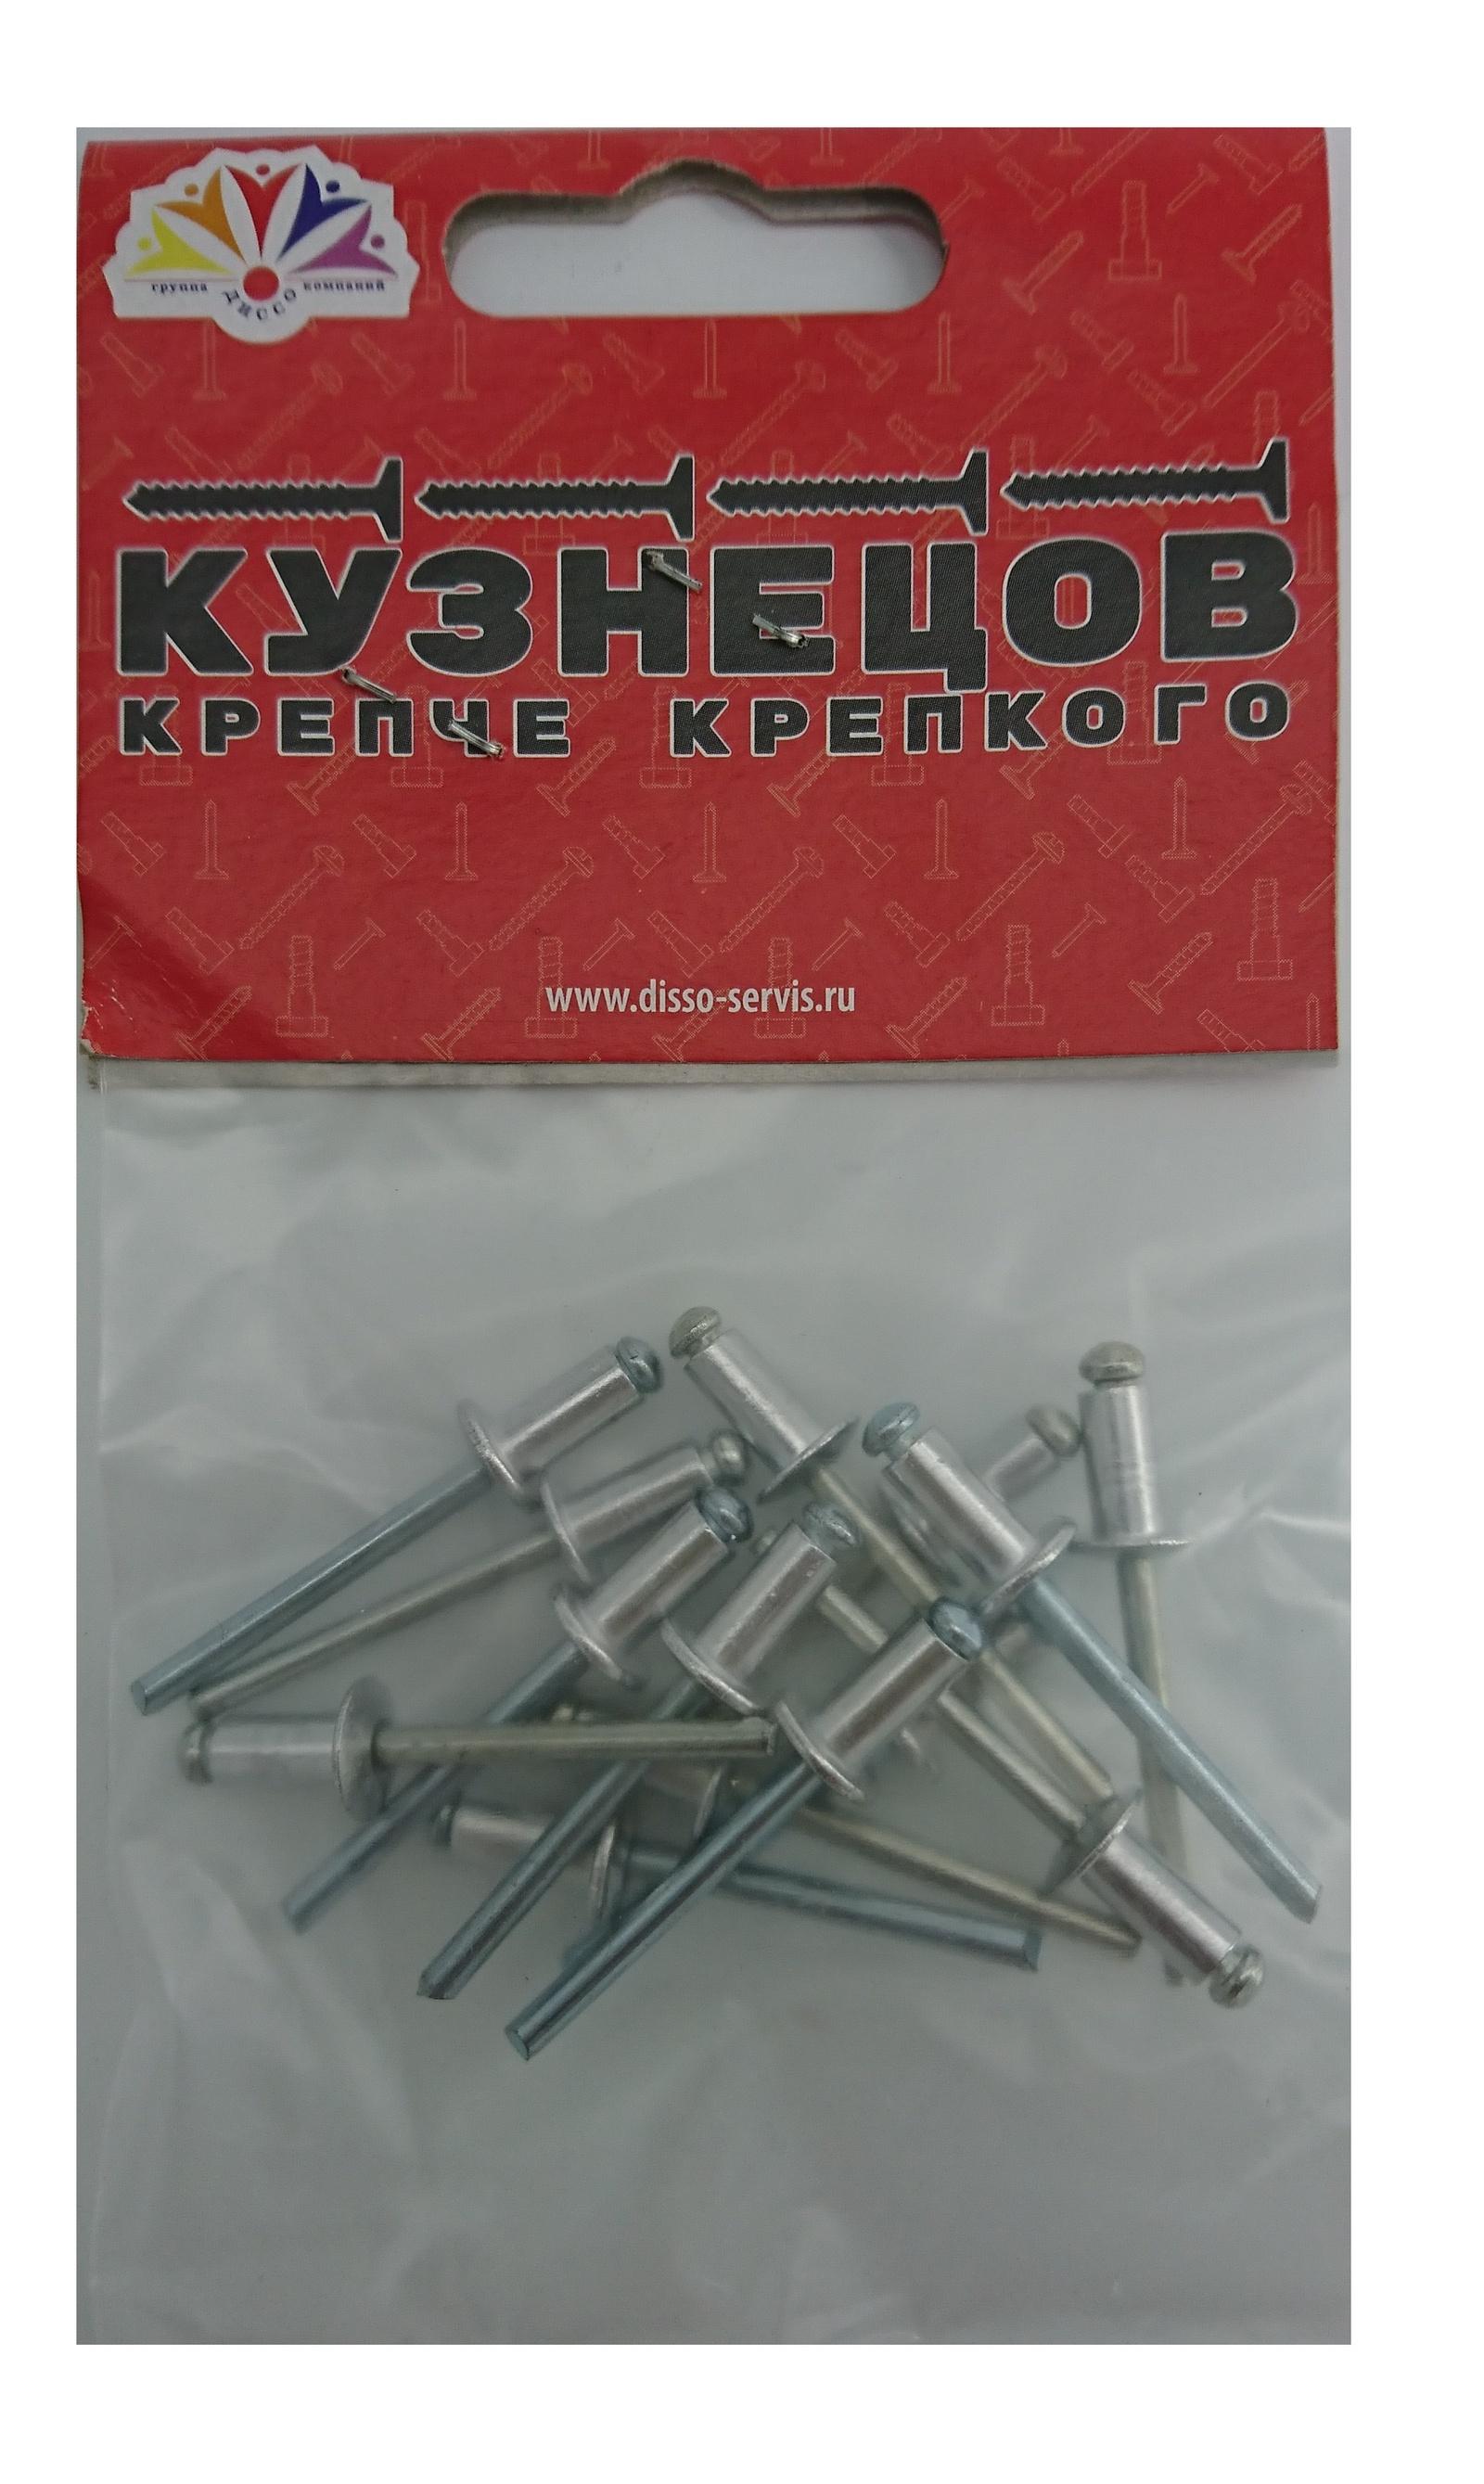 Заклепка вытяжная Кузнецов 4,8х10 14 шт. в упаковке цена и фото